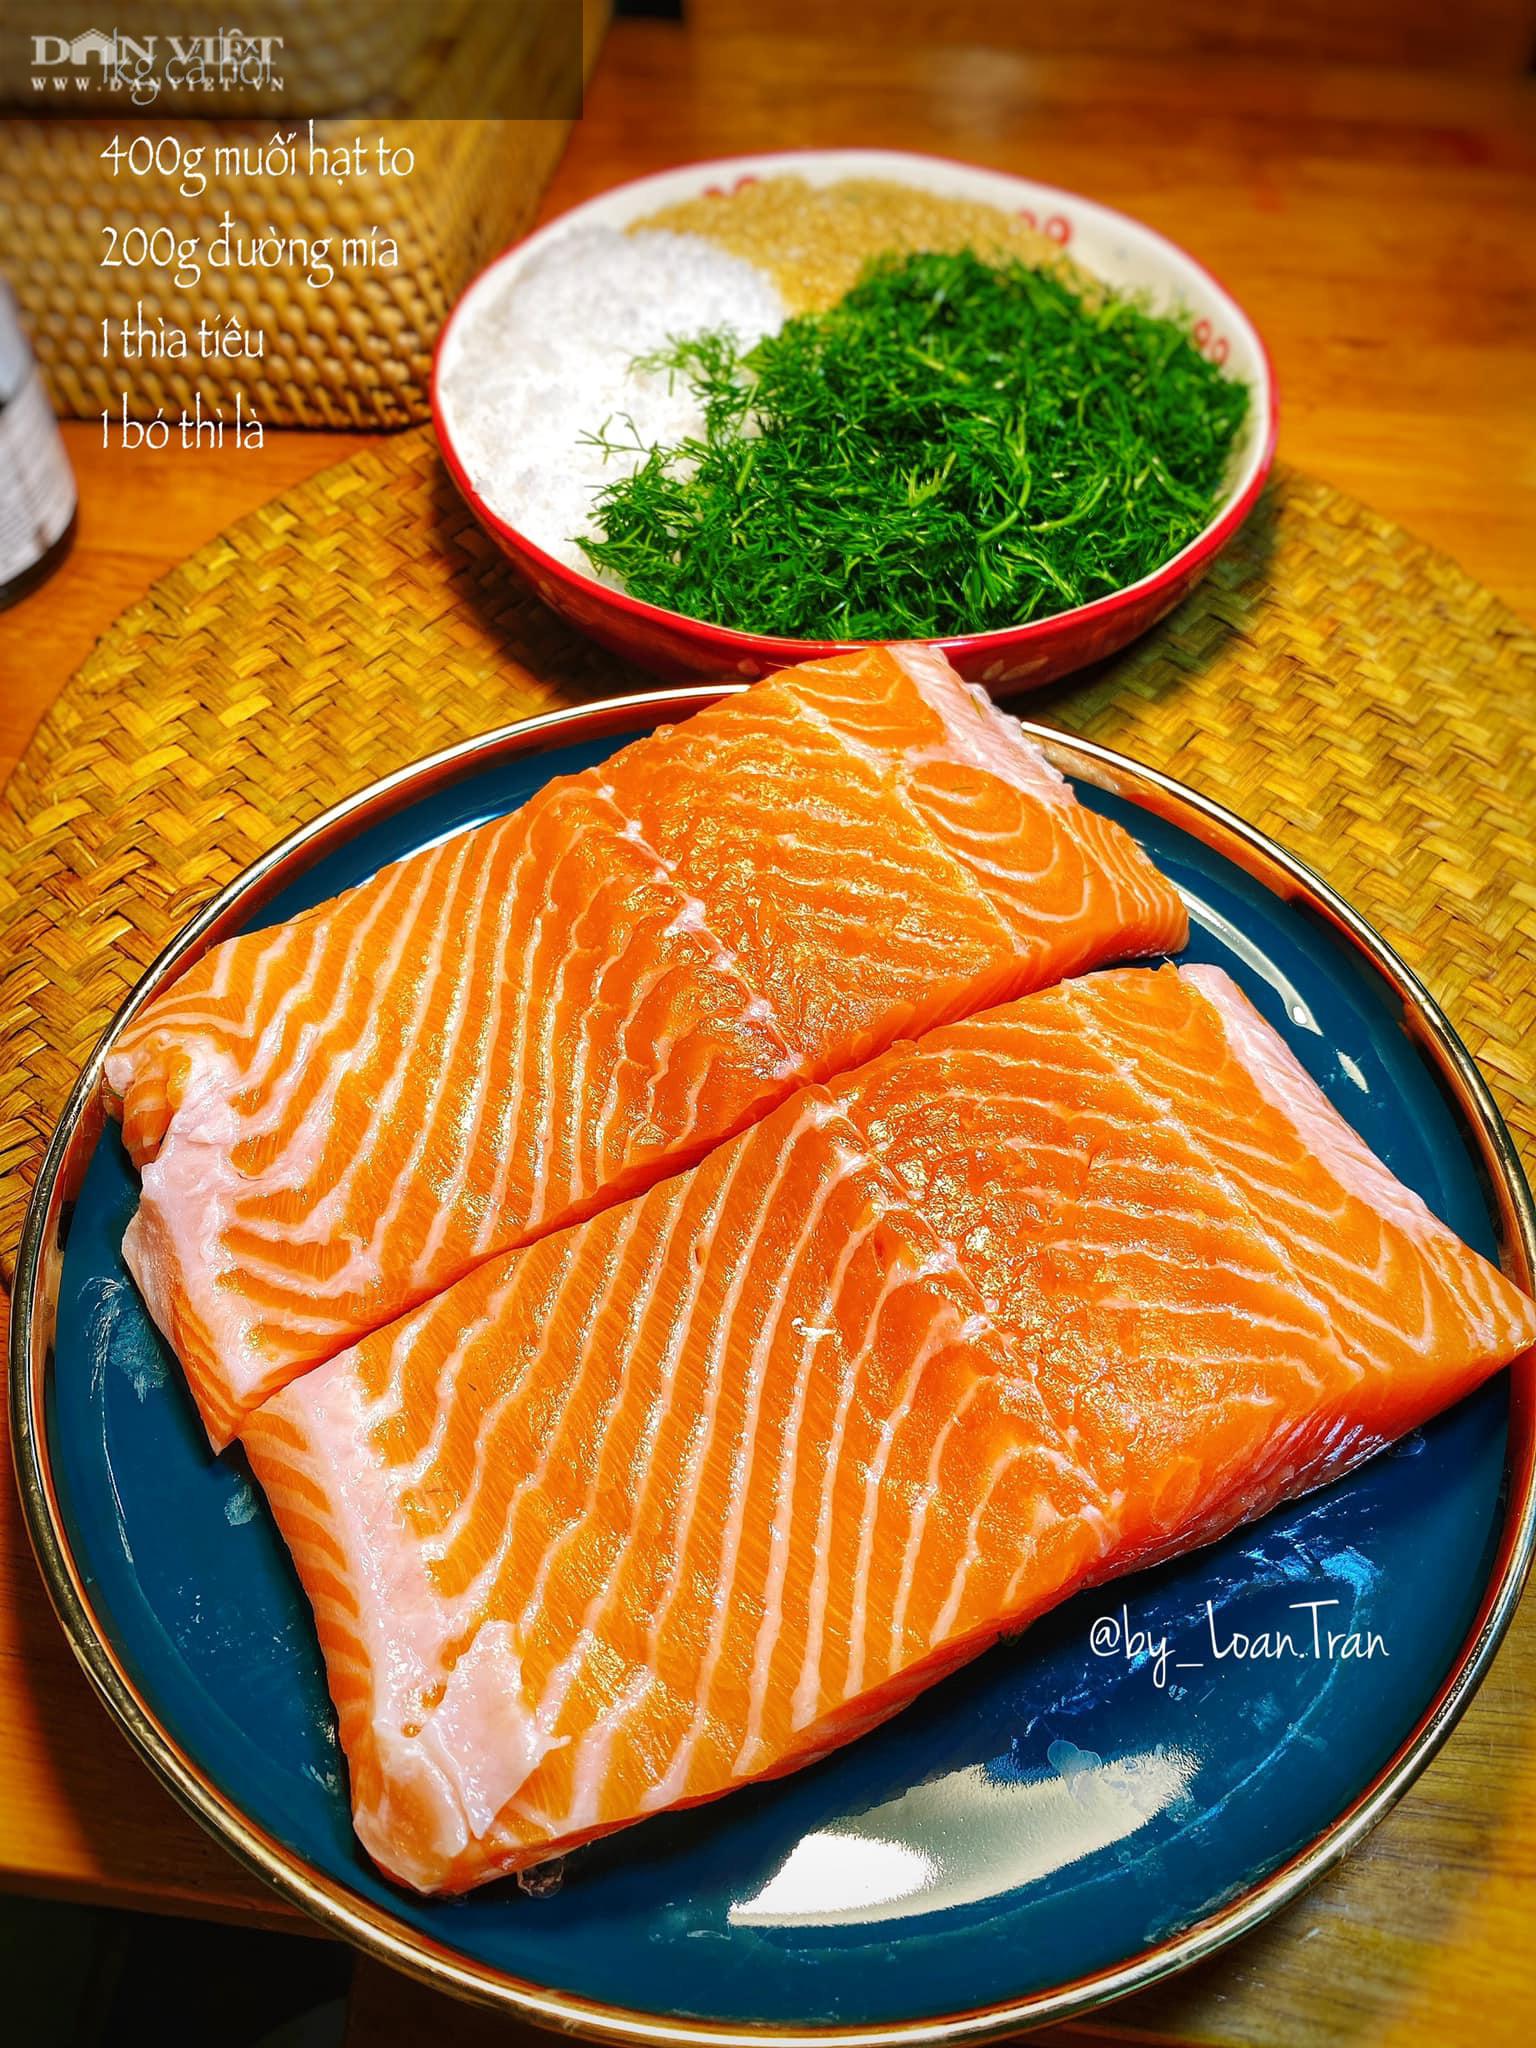 Lạ miệng với món cá hồi muối - Ảnh 2.